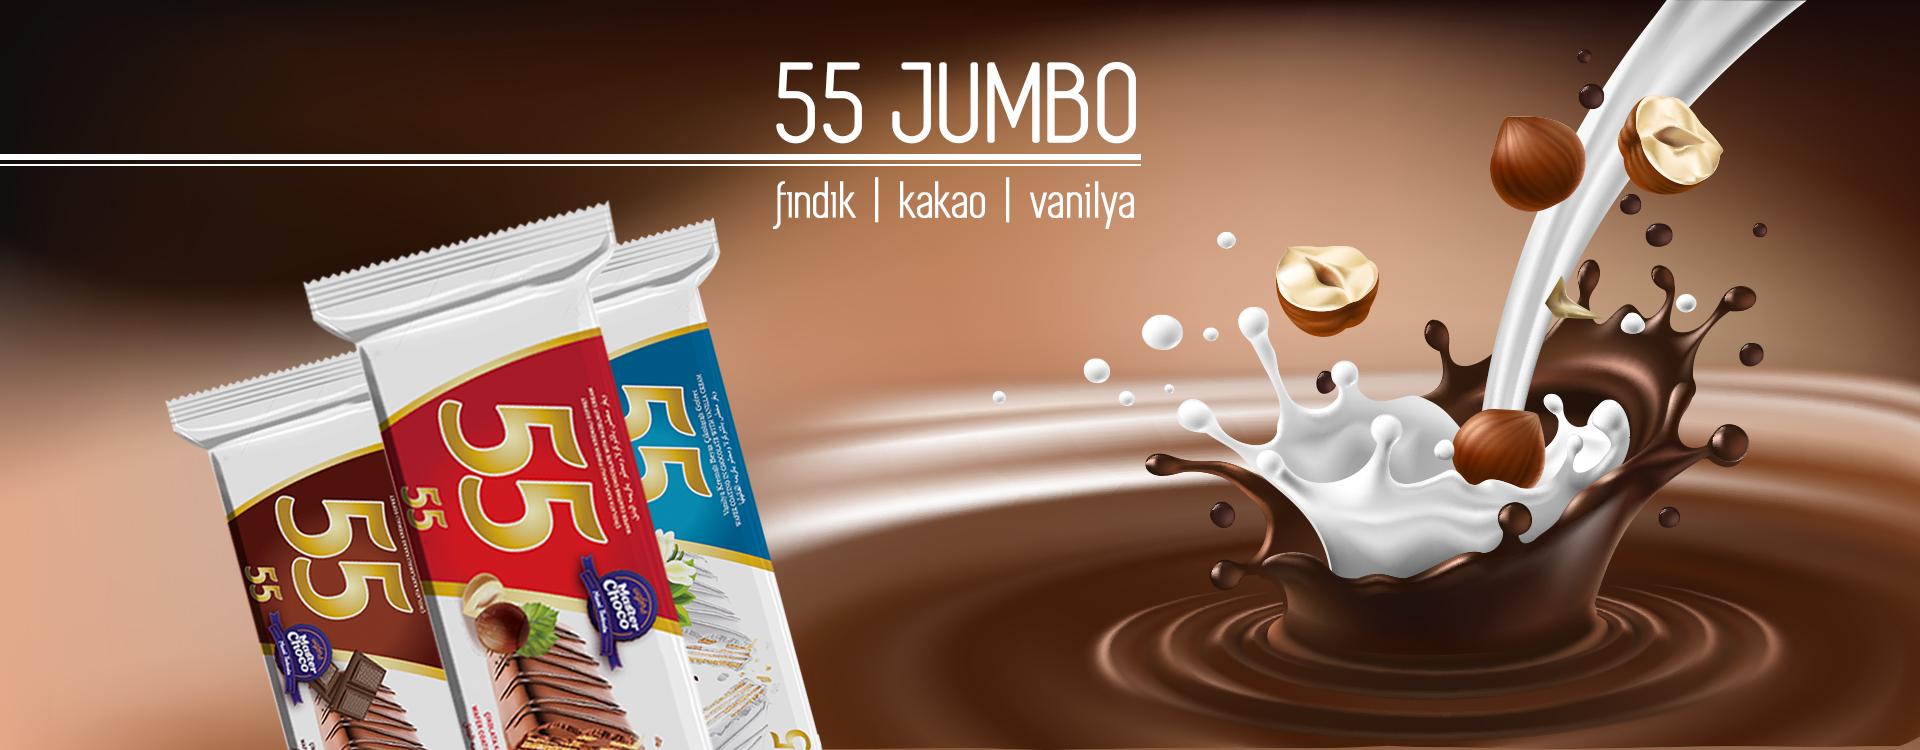 55 jumbo gofret